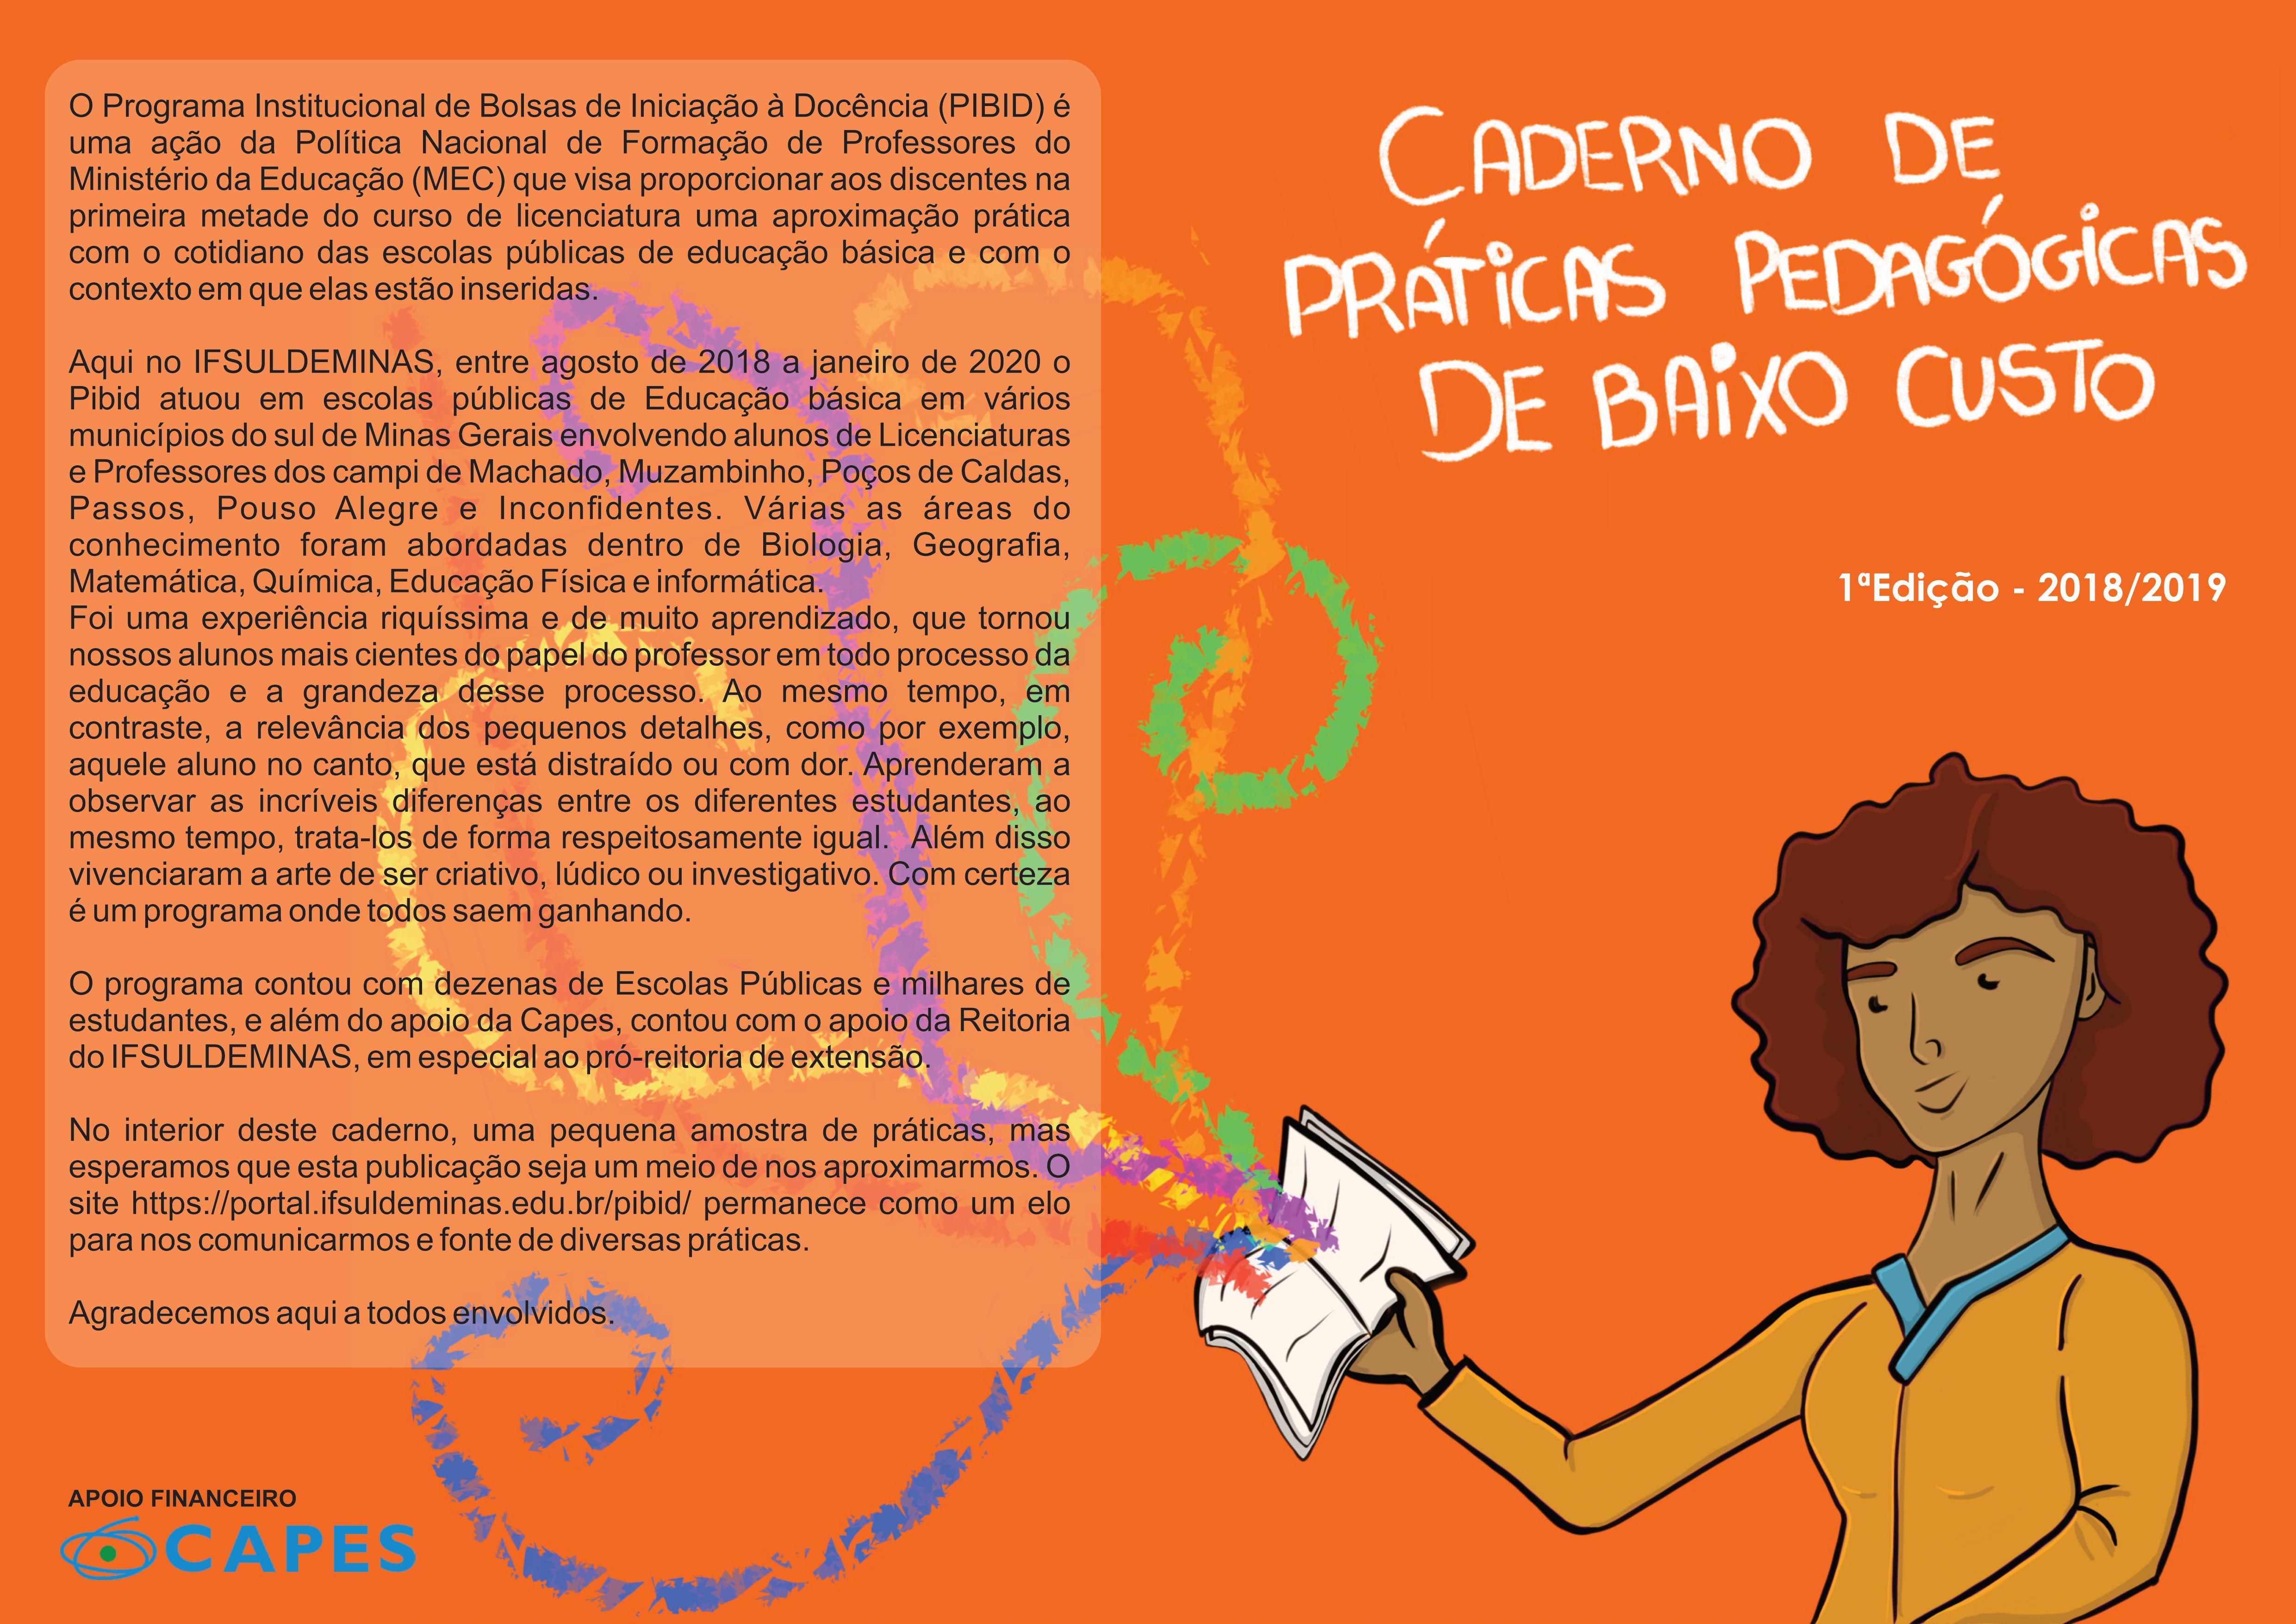 Caderno de Práticas Educativas de Baixo Custo para Educação Básica